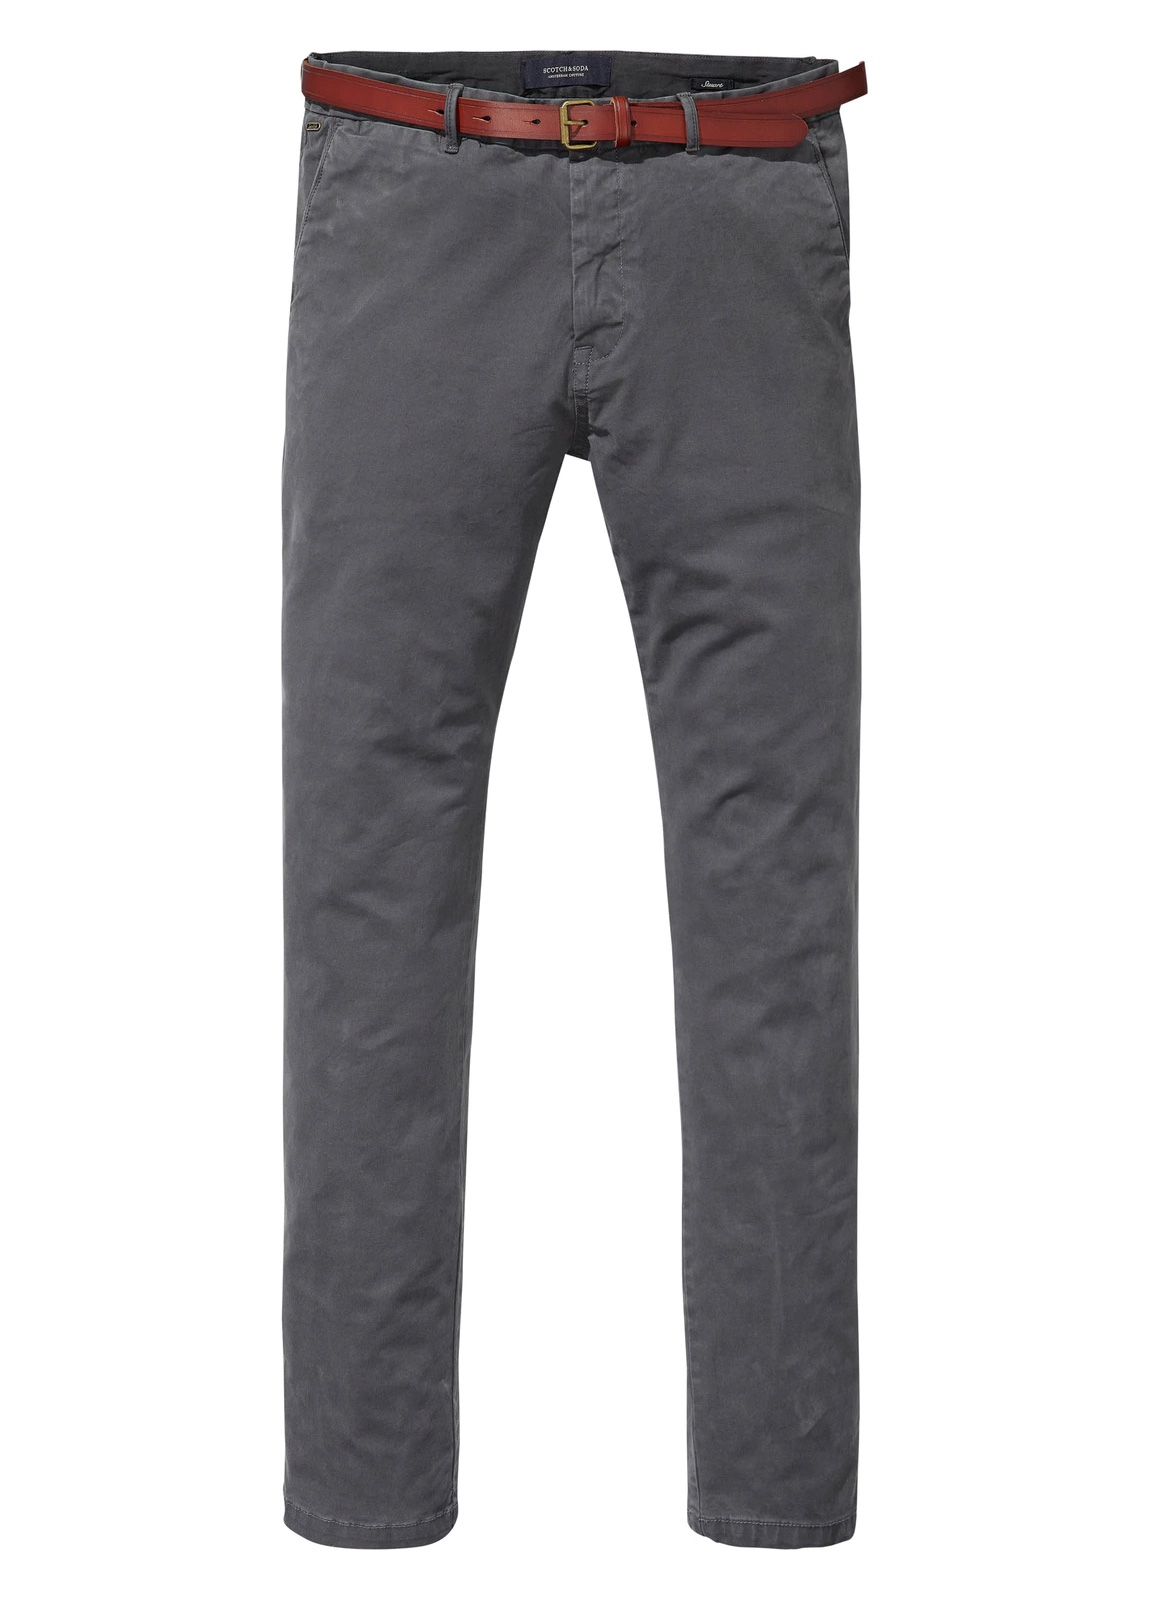 Pantalón chino regular slim fit teñido en prenda color gris. 97% Algodón. 3% Elastano.